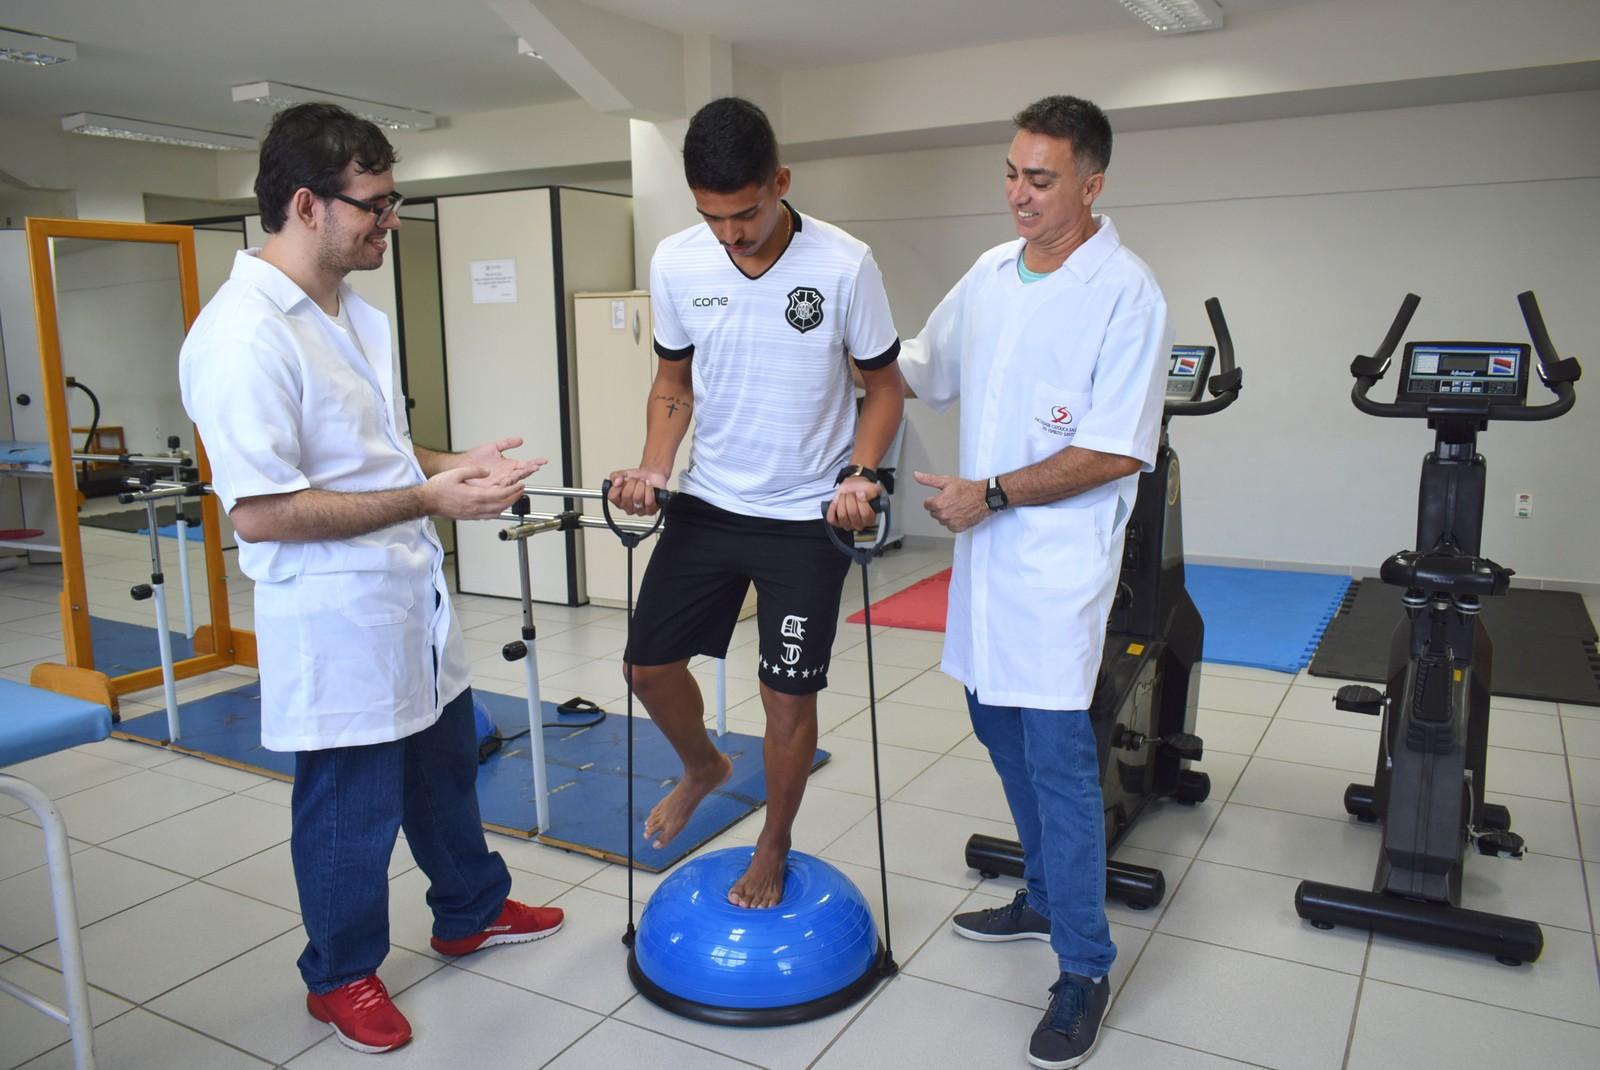 Rio Branco-ES cria núcleo para melhorar rendimento dos atletas e prevenir lesões